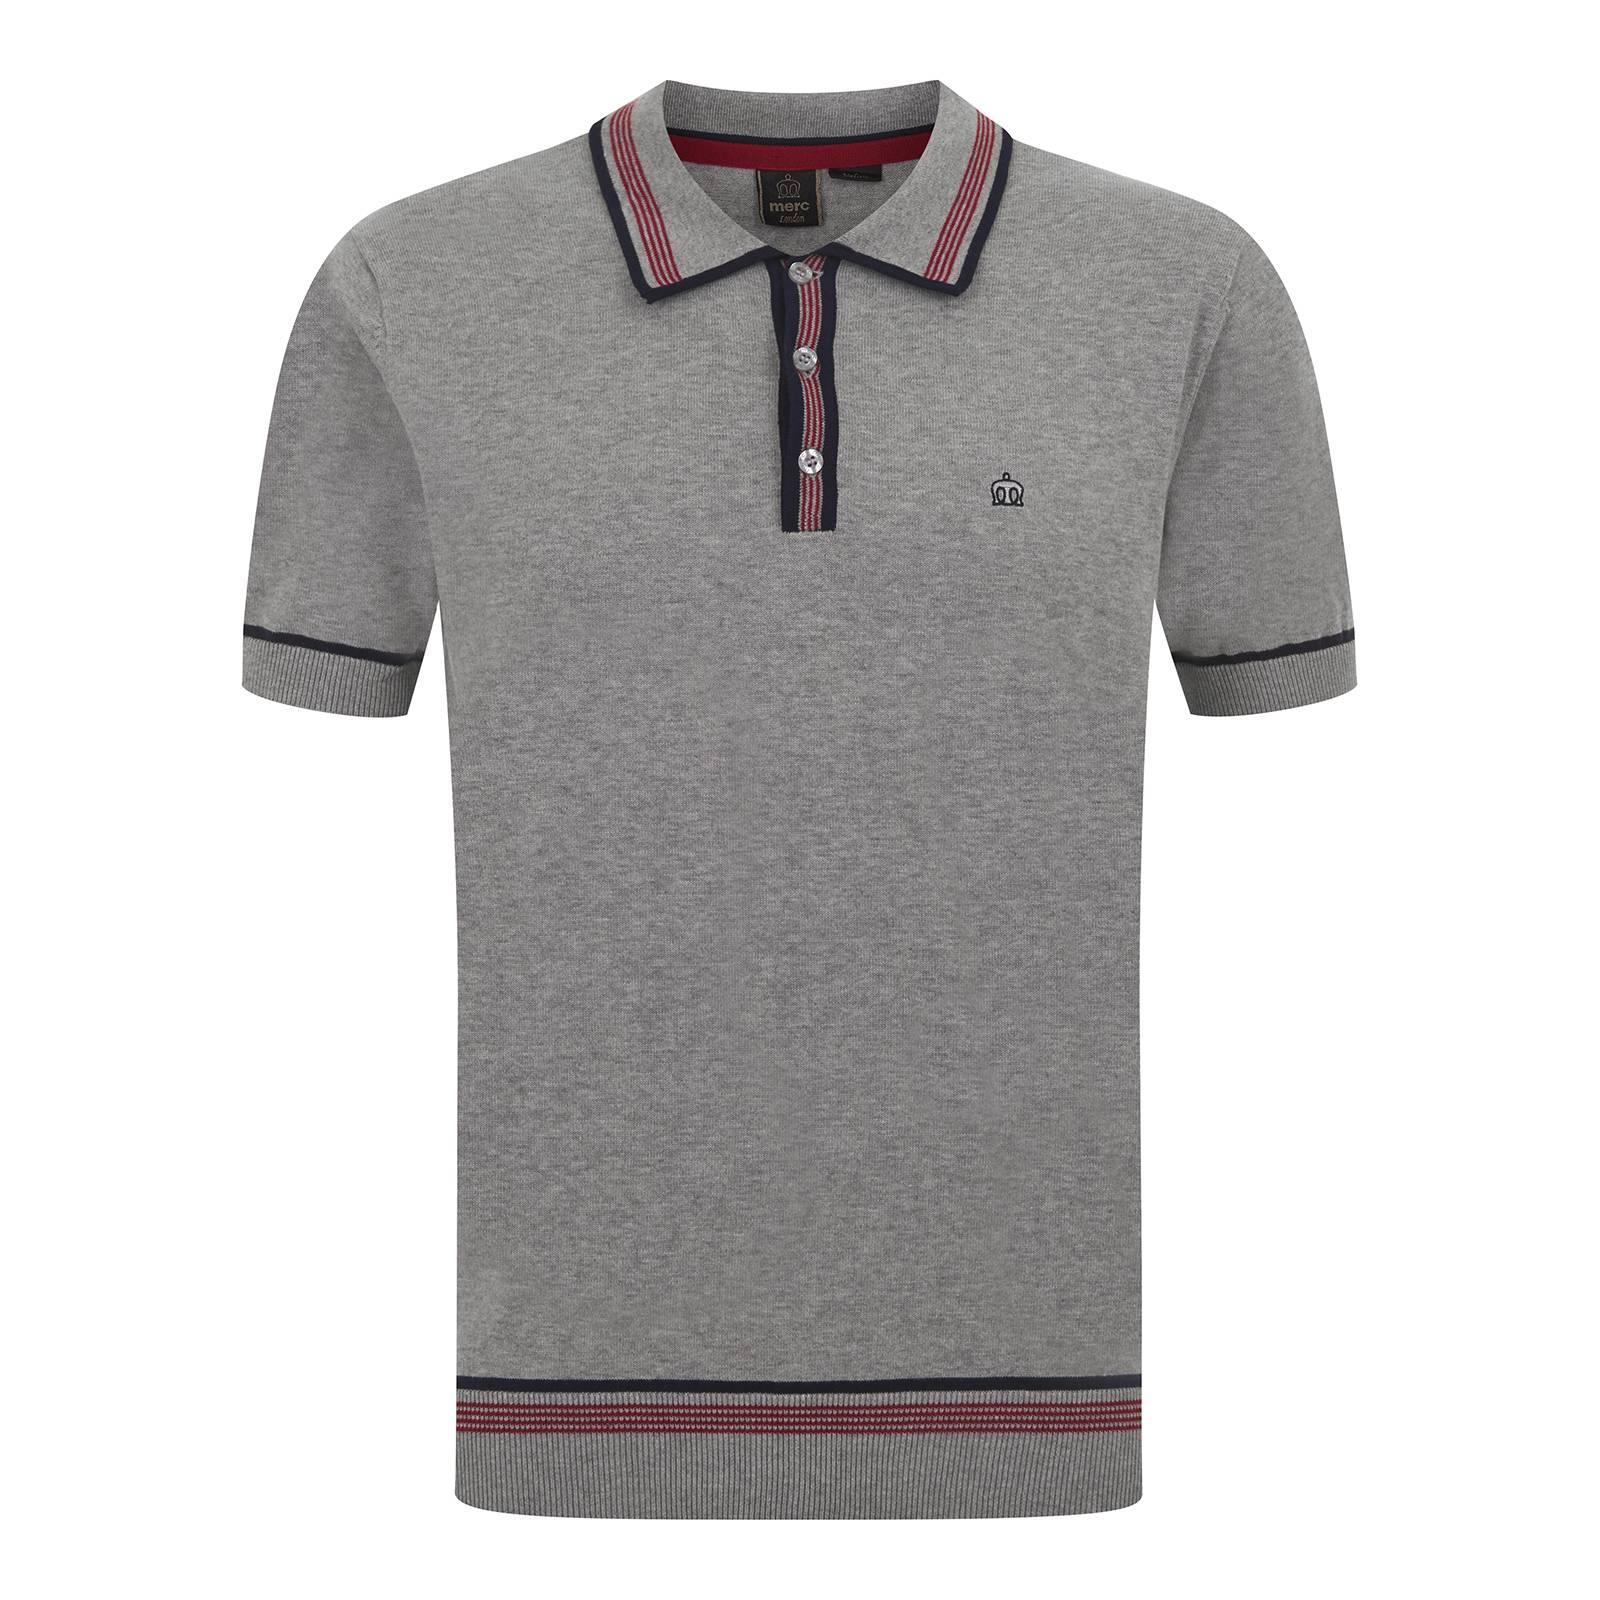 Рубашка Поло PaulusПоло<br><br><br>Артикул: 1616107<br>Материал: 100% хлопок<br>Цвет: серый<br>Пол: Мужской